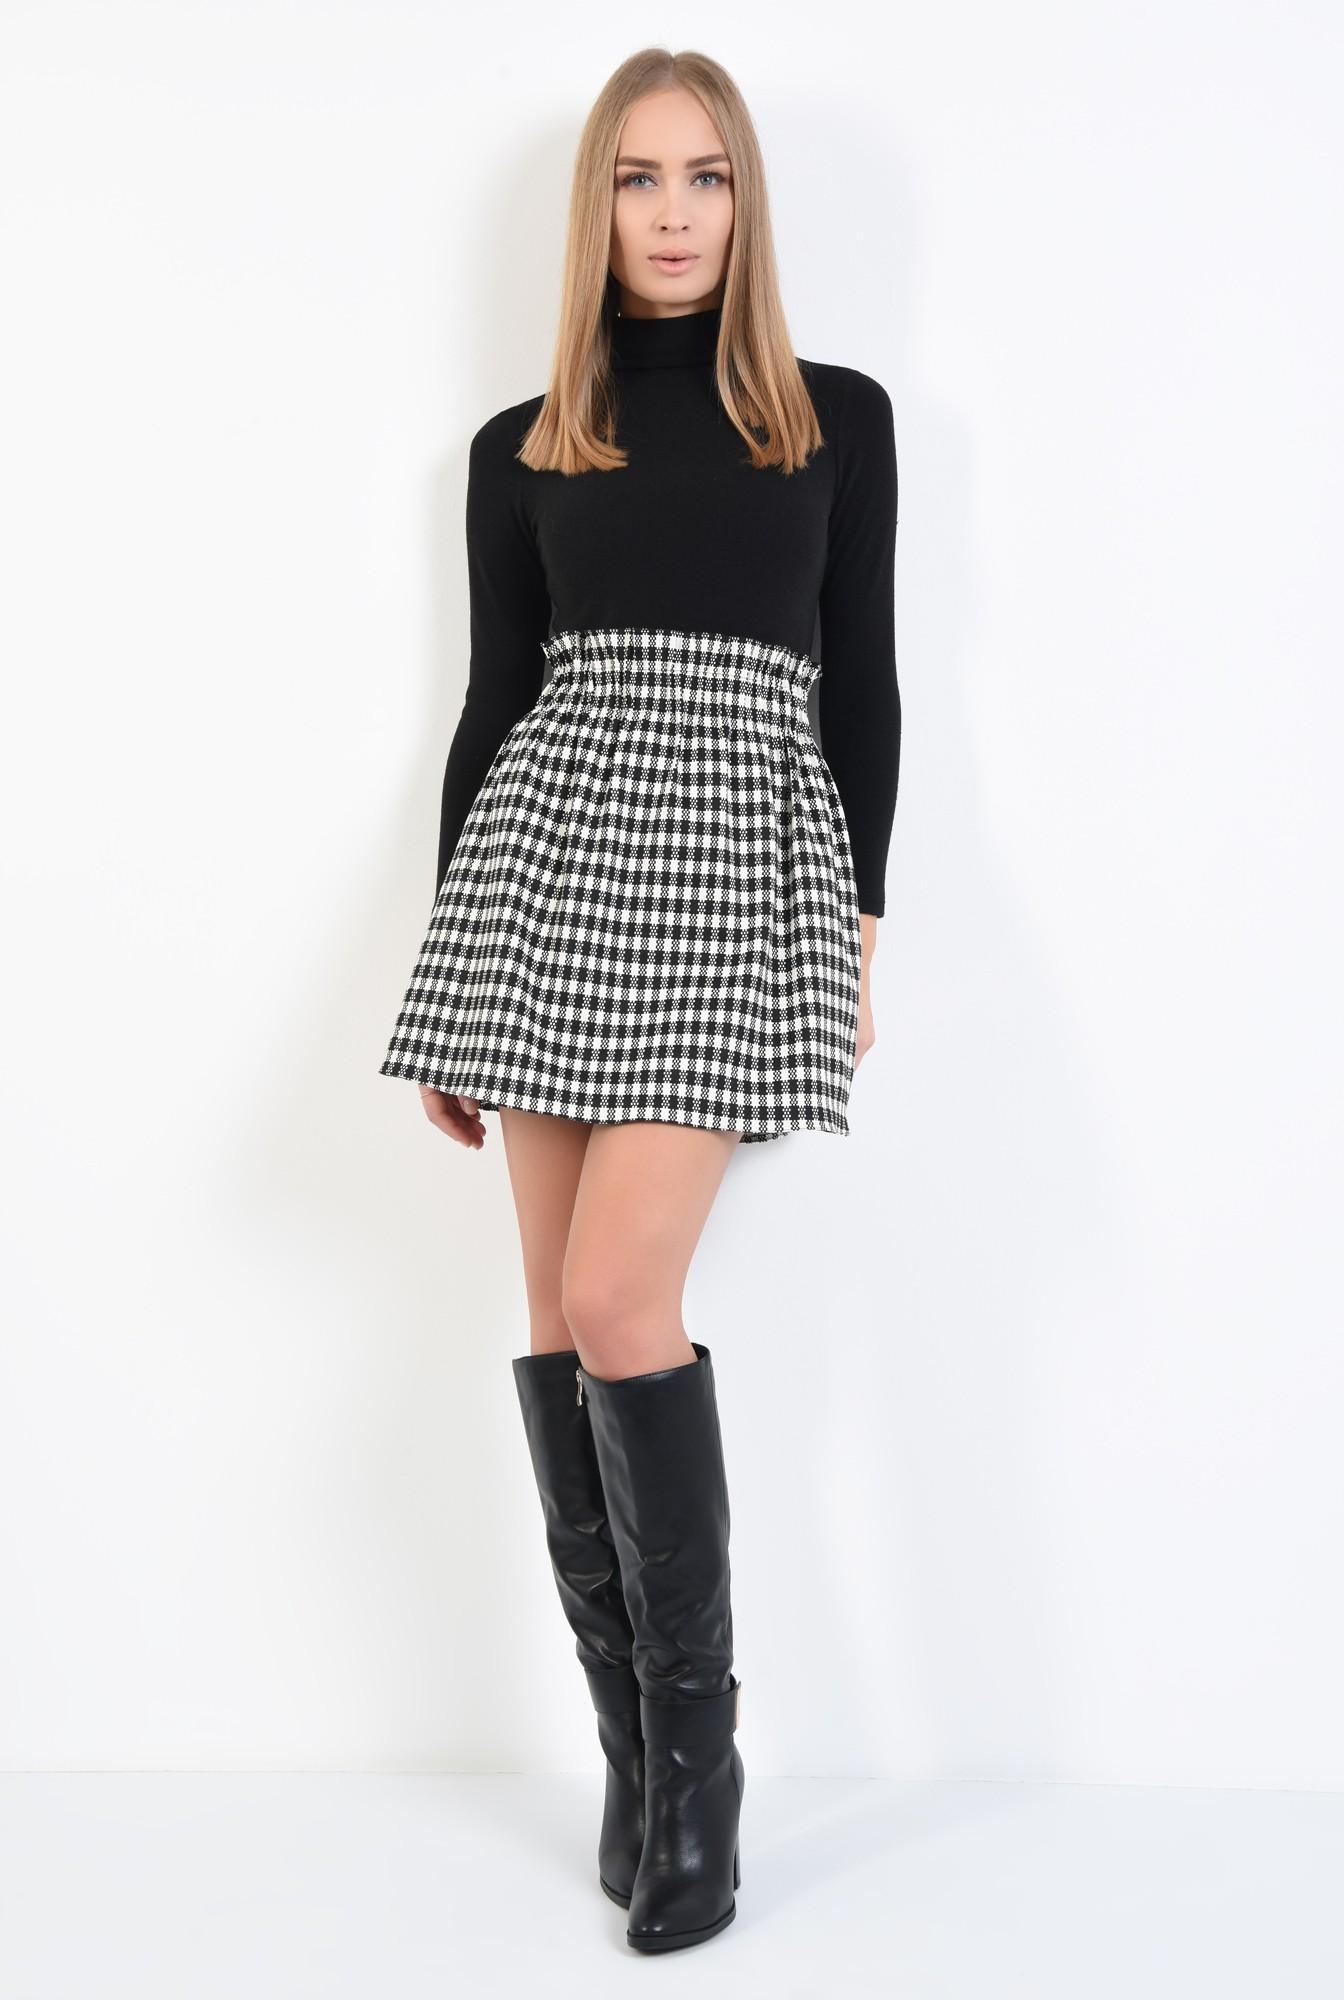 3 - fusta de zi, carouri alb-negru, mini, buzunare